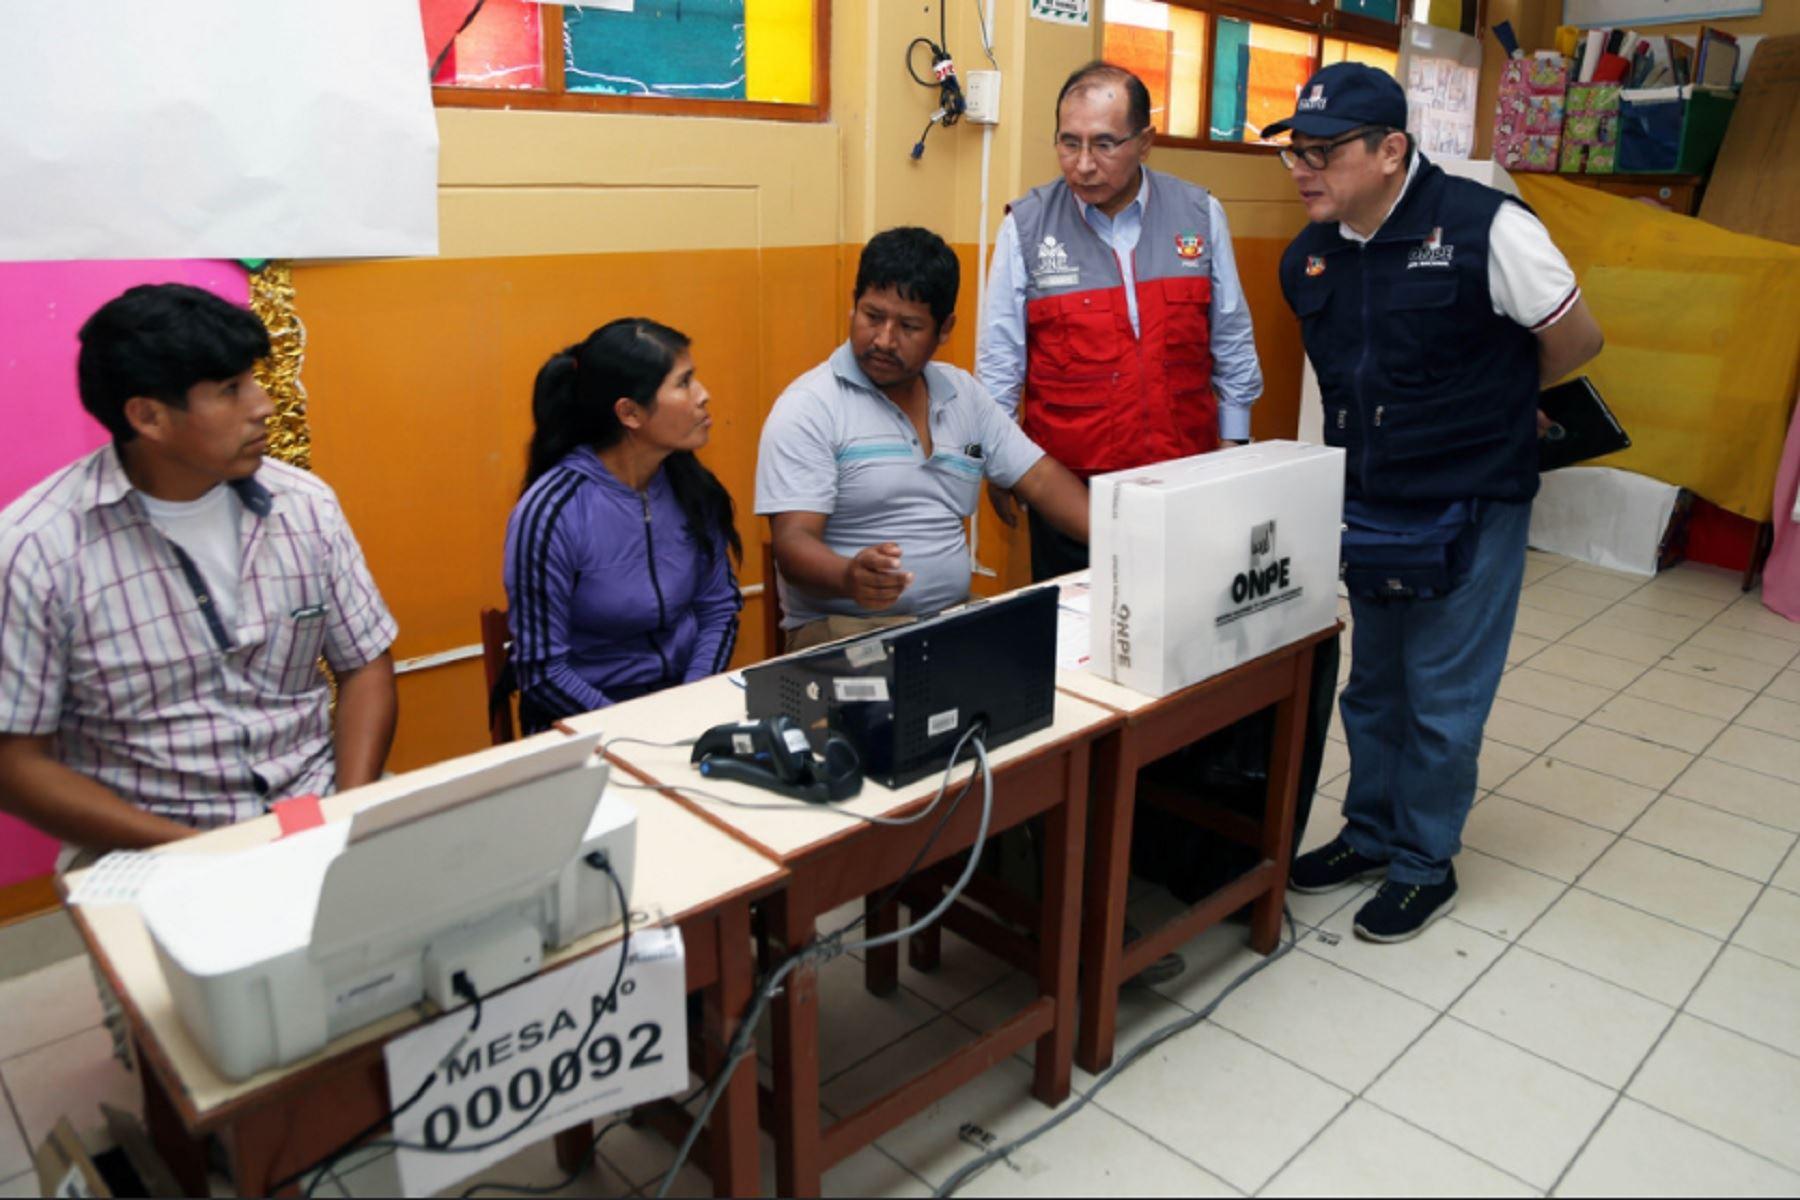 Resultado de imagen para Voto electrónico se aplicará a mayor escala en comicios regionales y ediles 2018